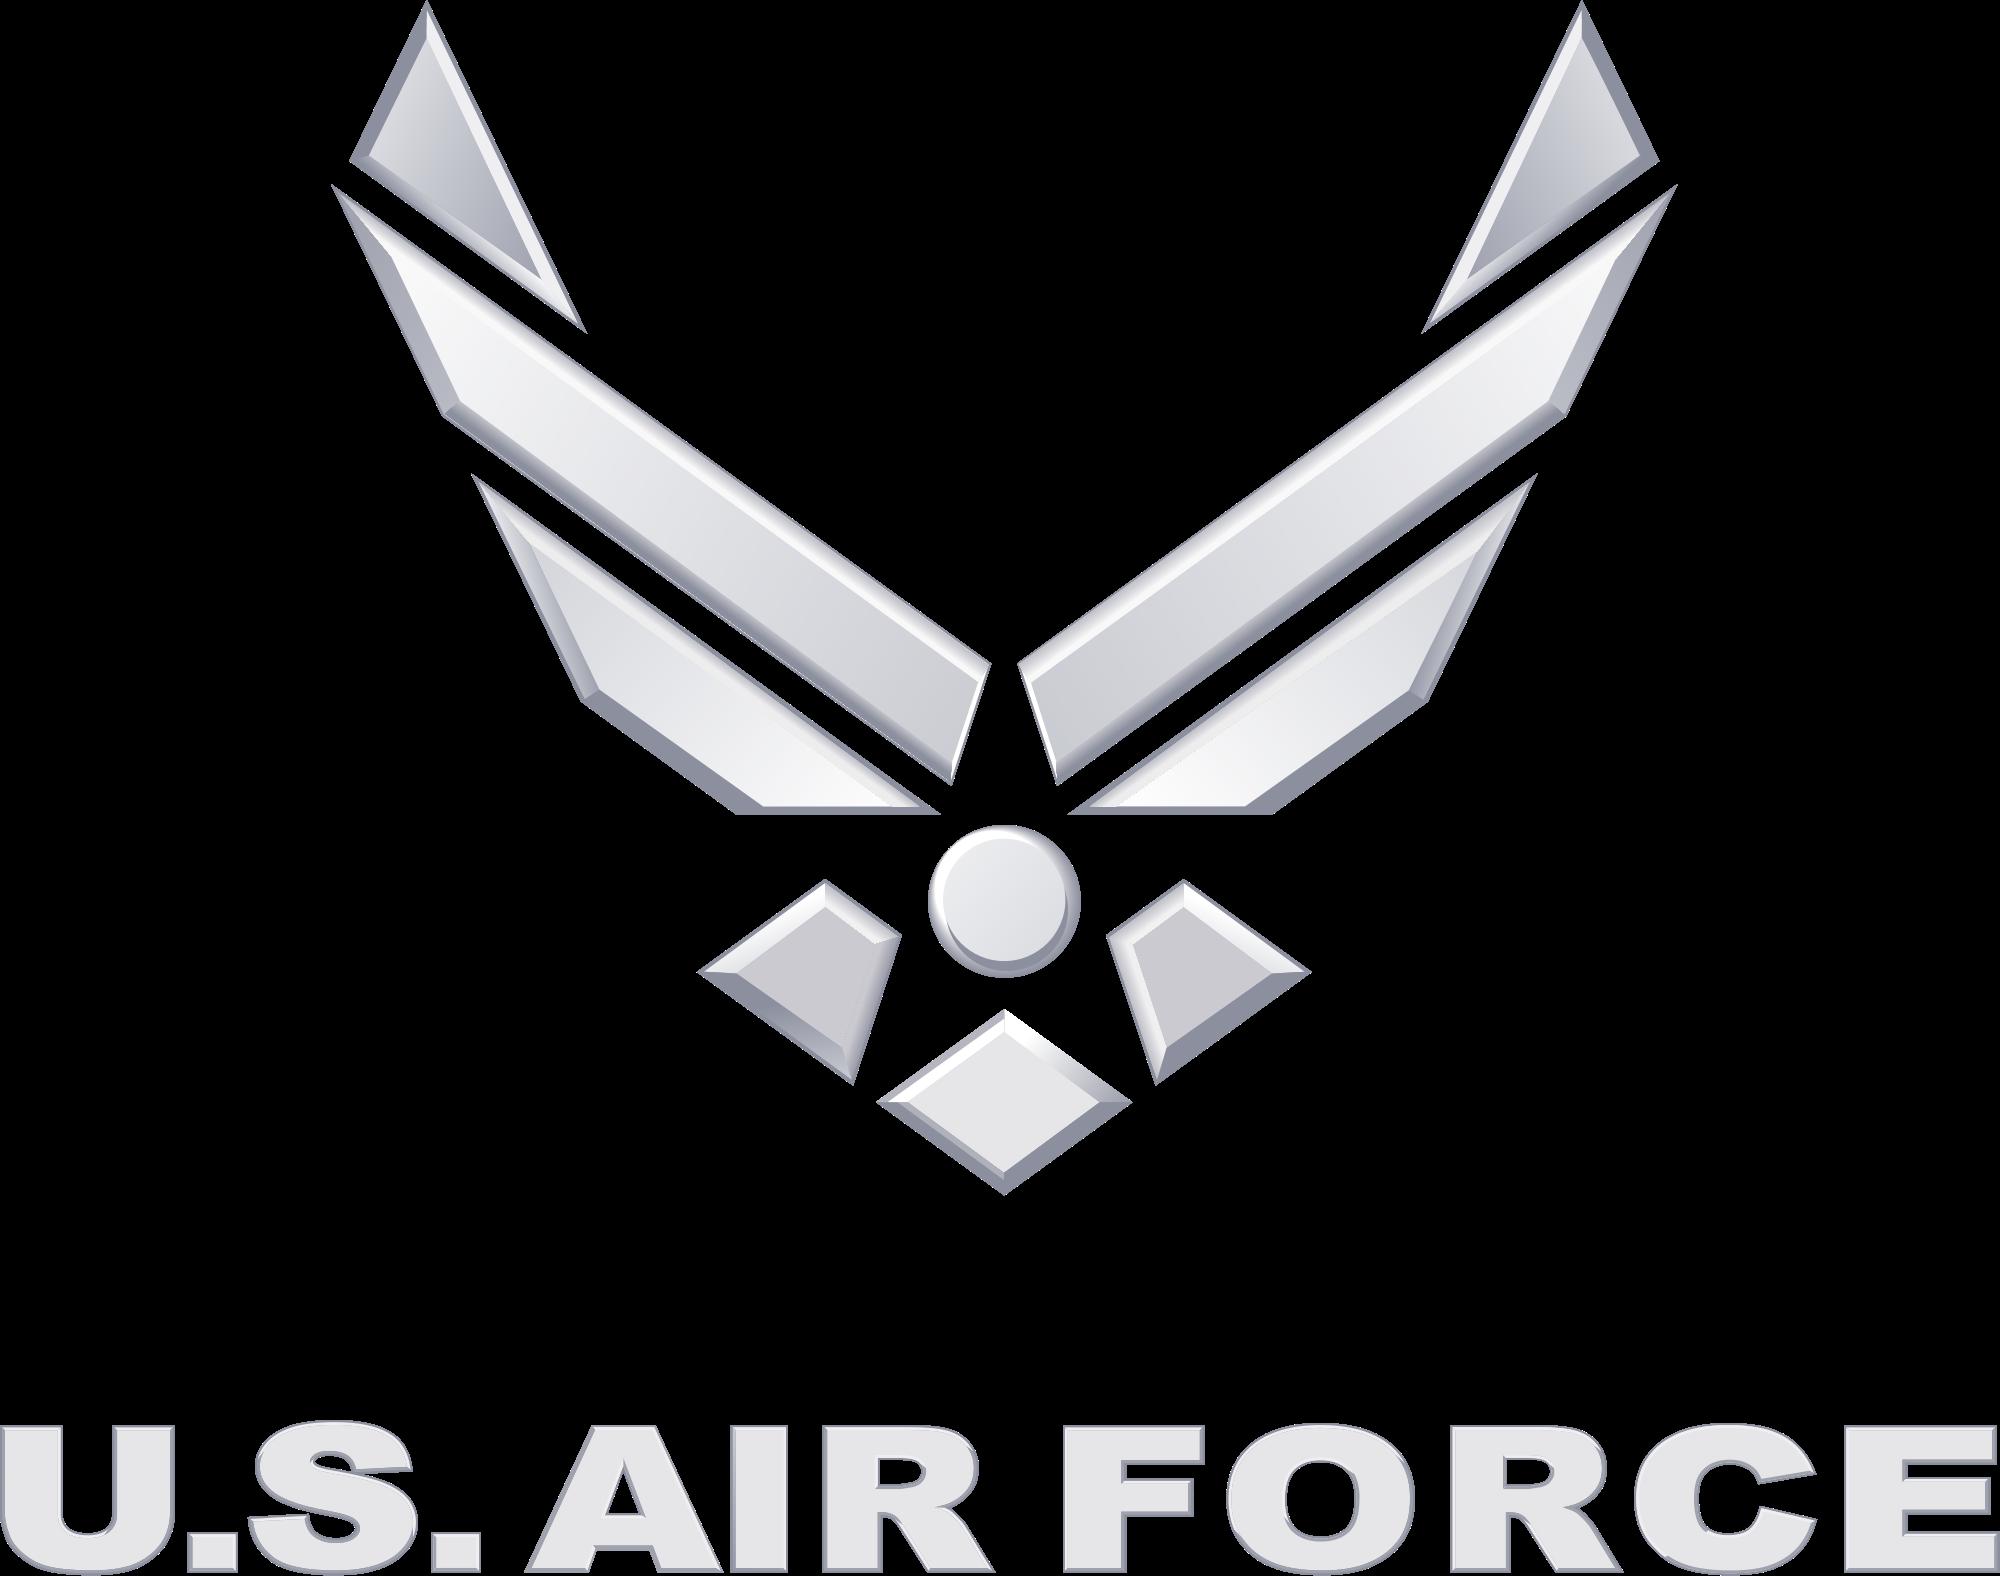 Us air force emblem clip art.